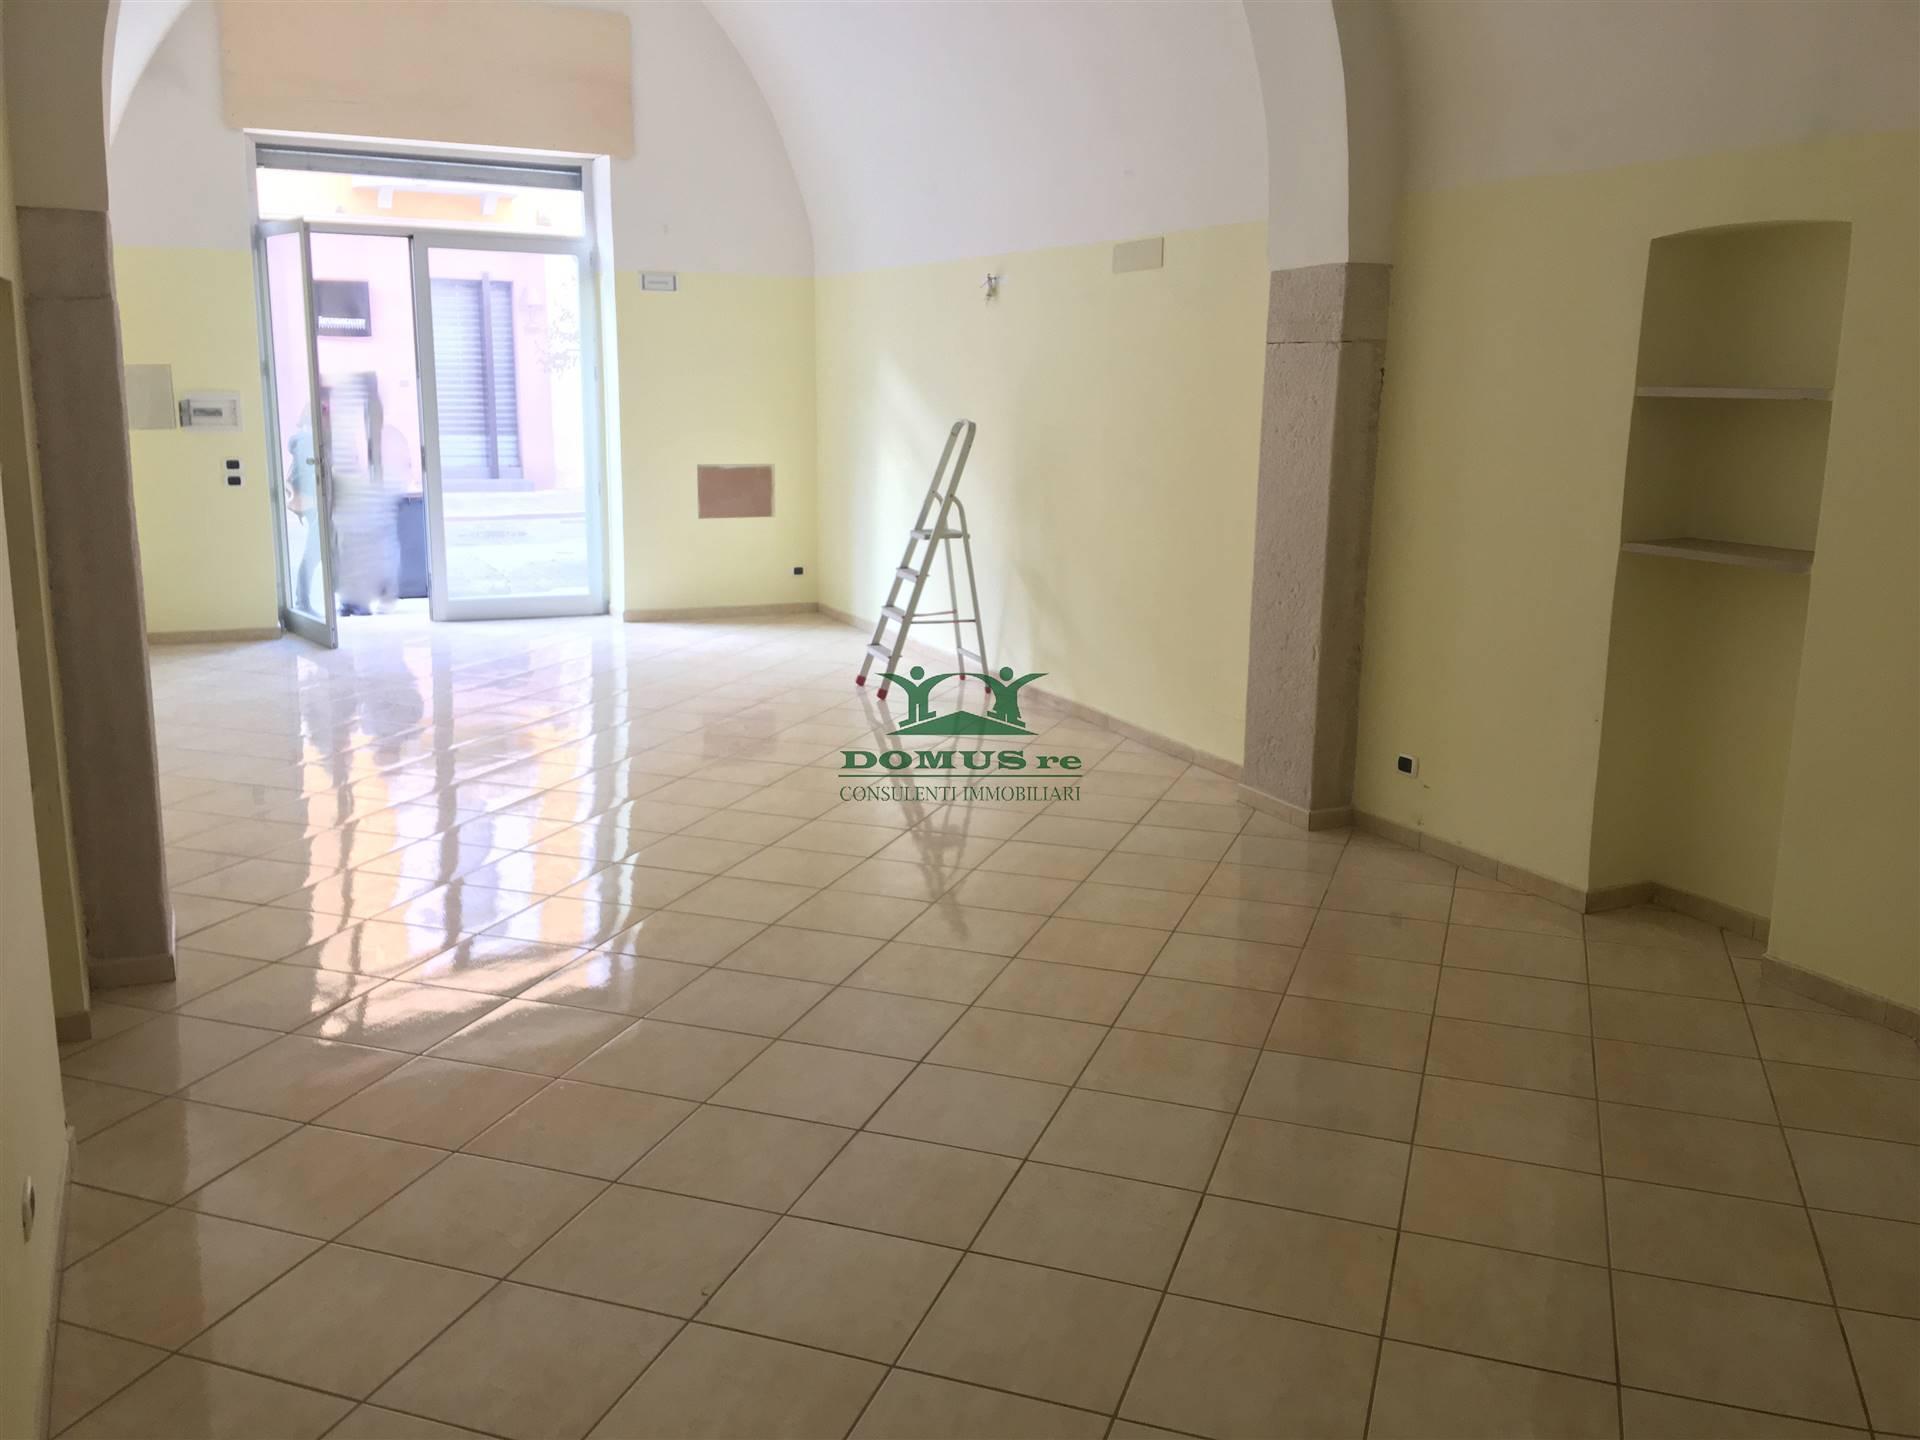 Immobile Commerciale in affitto a Andria, 2 locali, zona Località: SEMICENTRO, prezzo € 600   CambioCasa.it